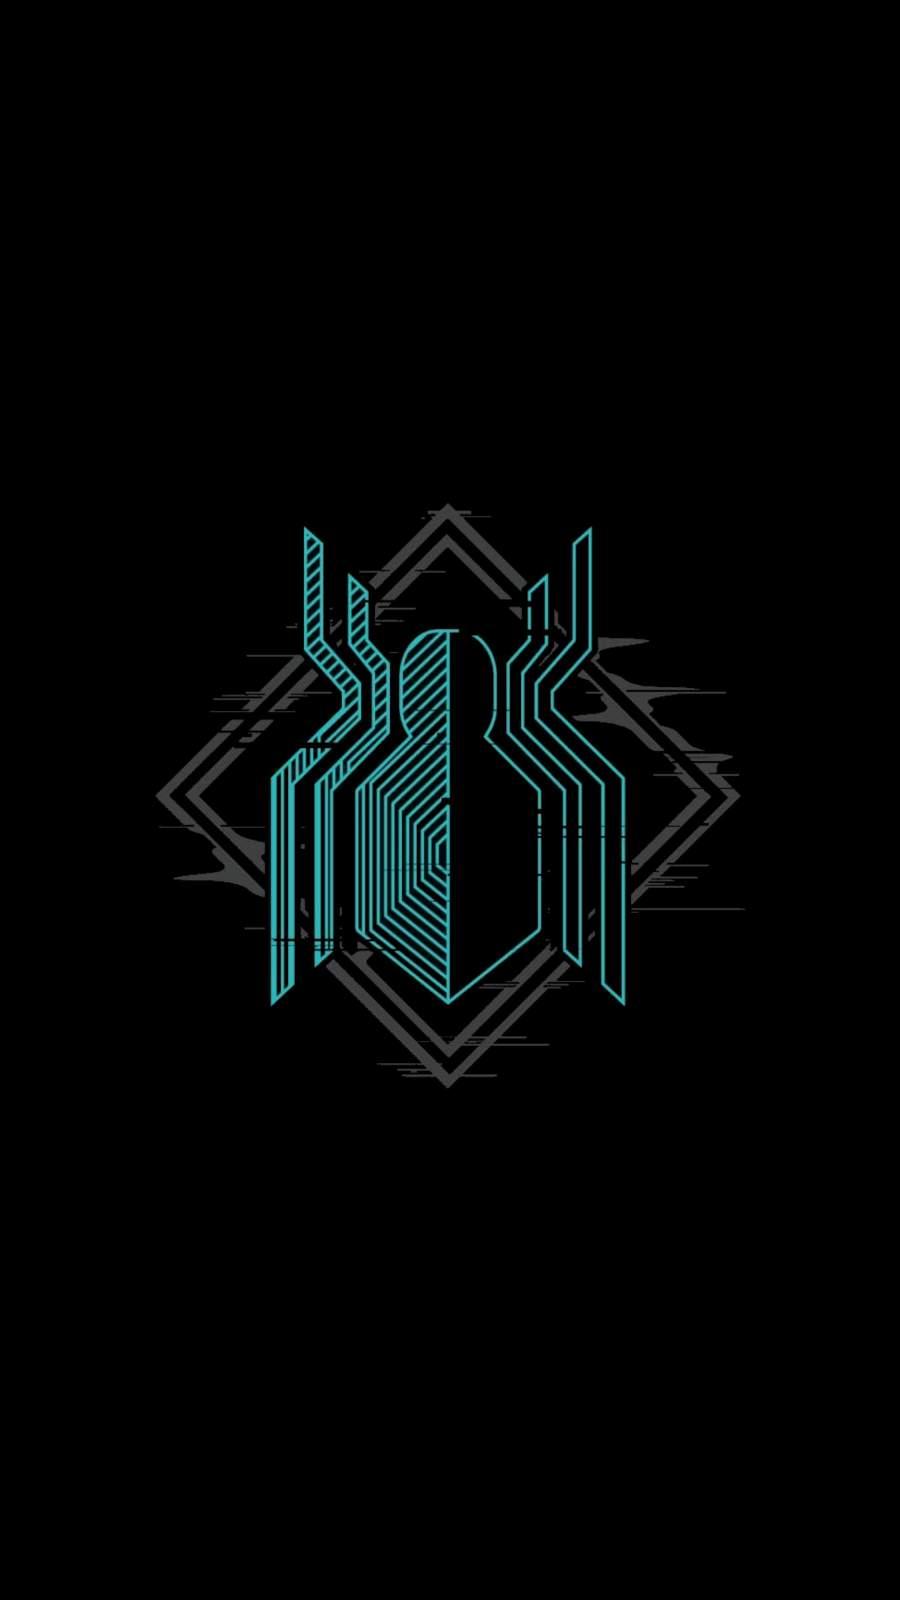 Spiderman Dark Logo